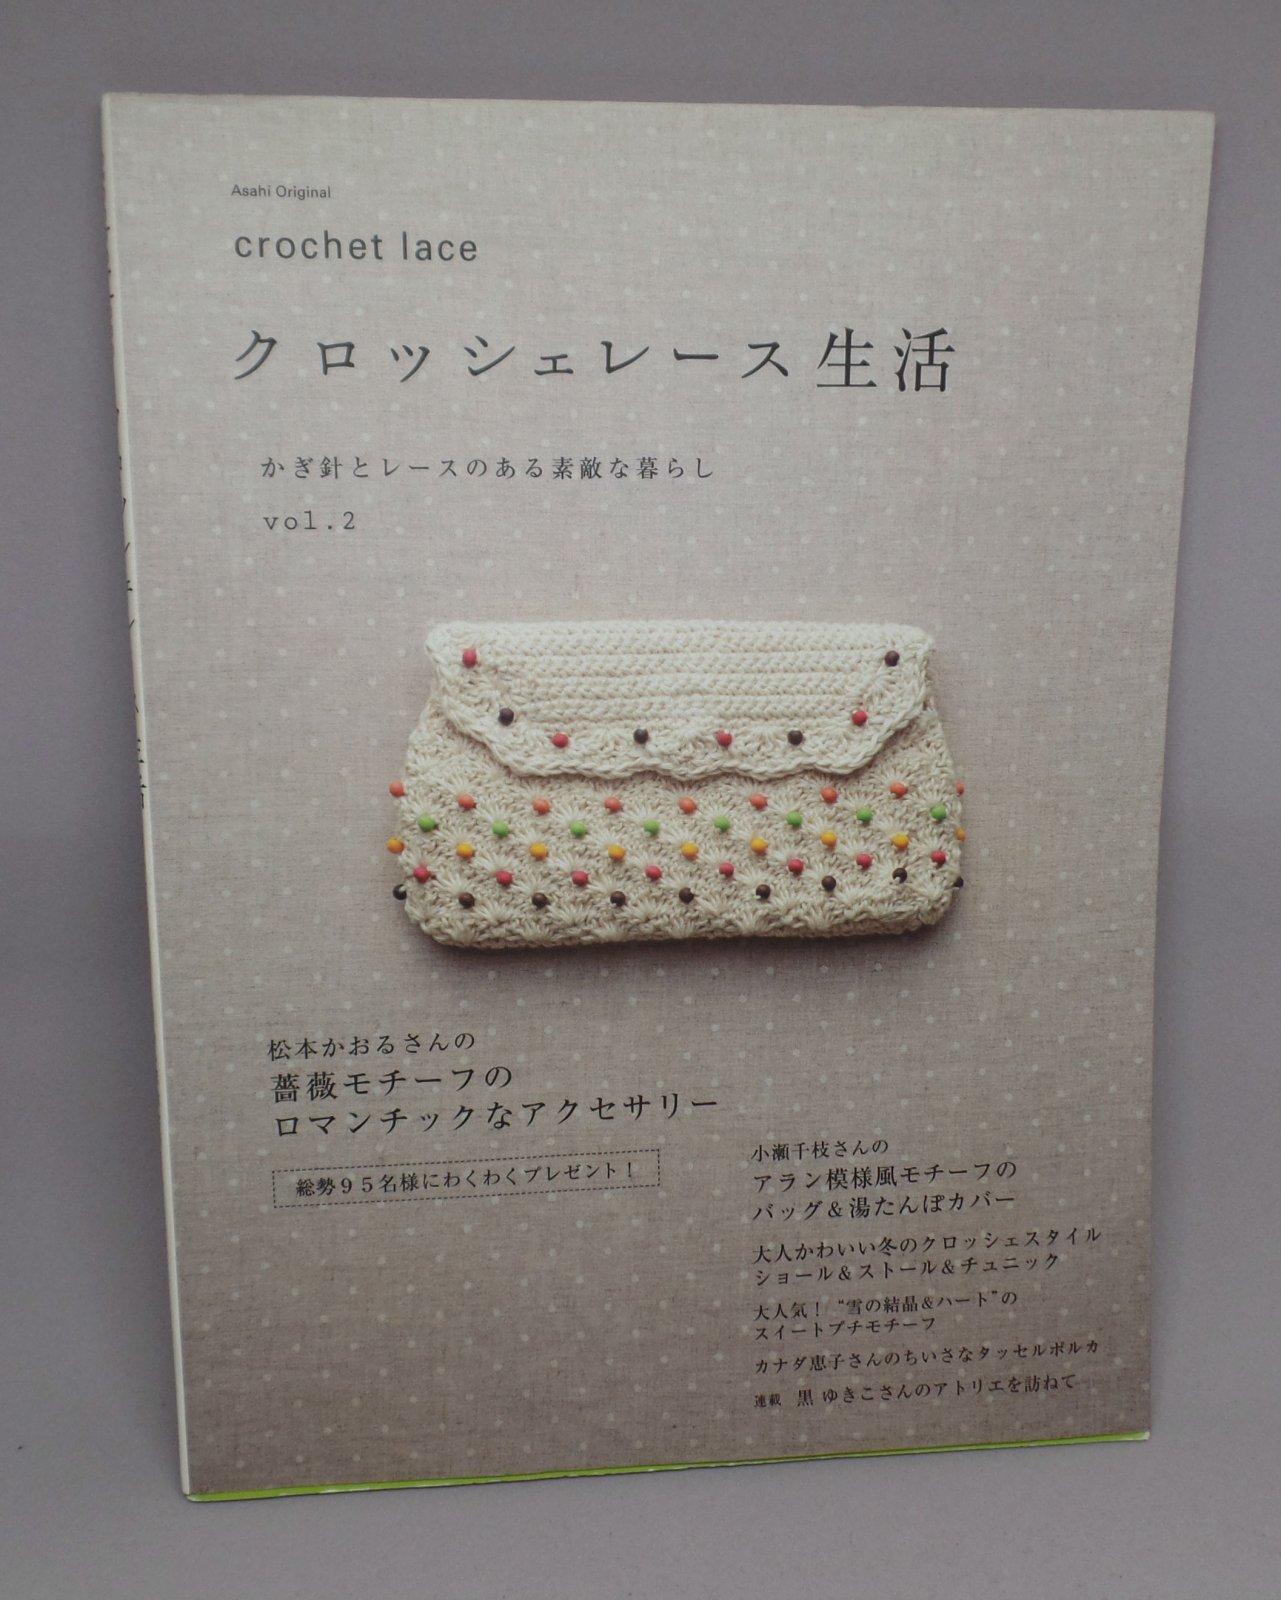 Crochet Lace Vol. 2 (Asahi original, Japanese)